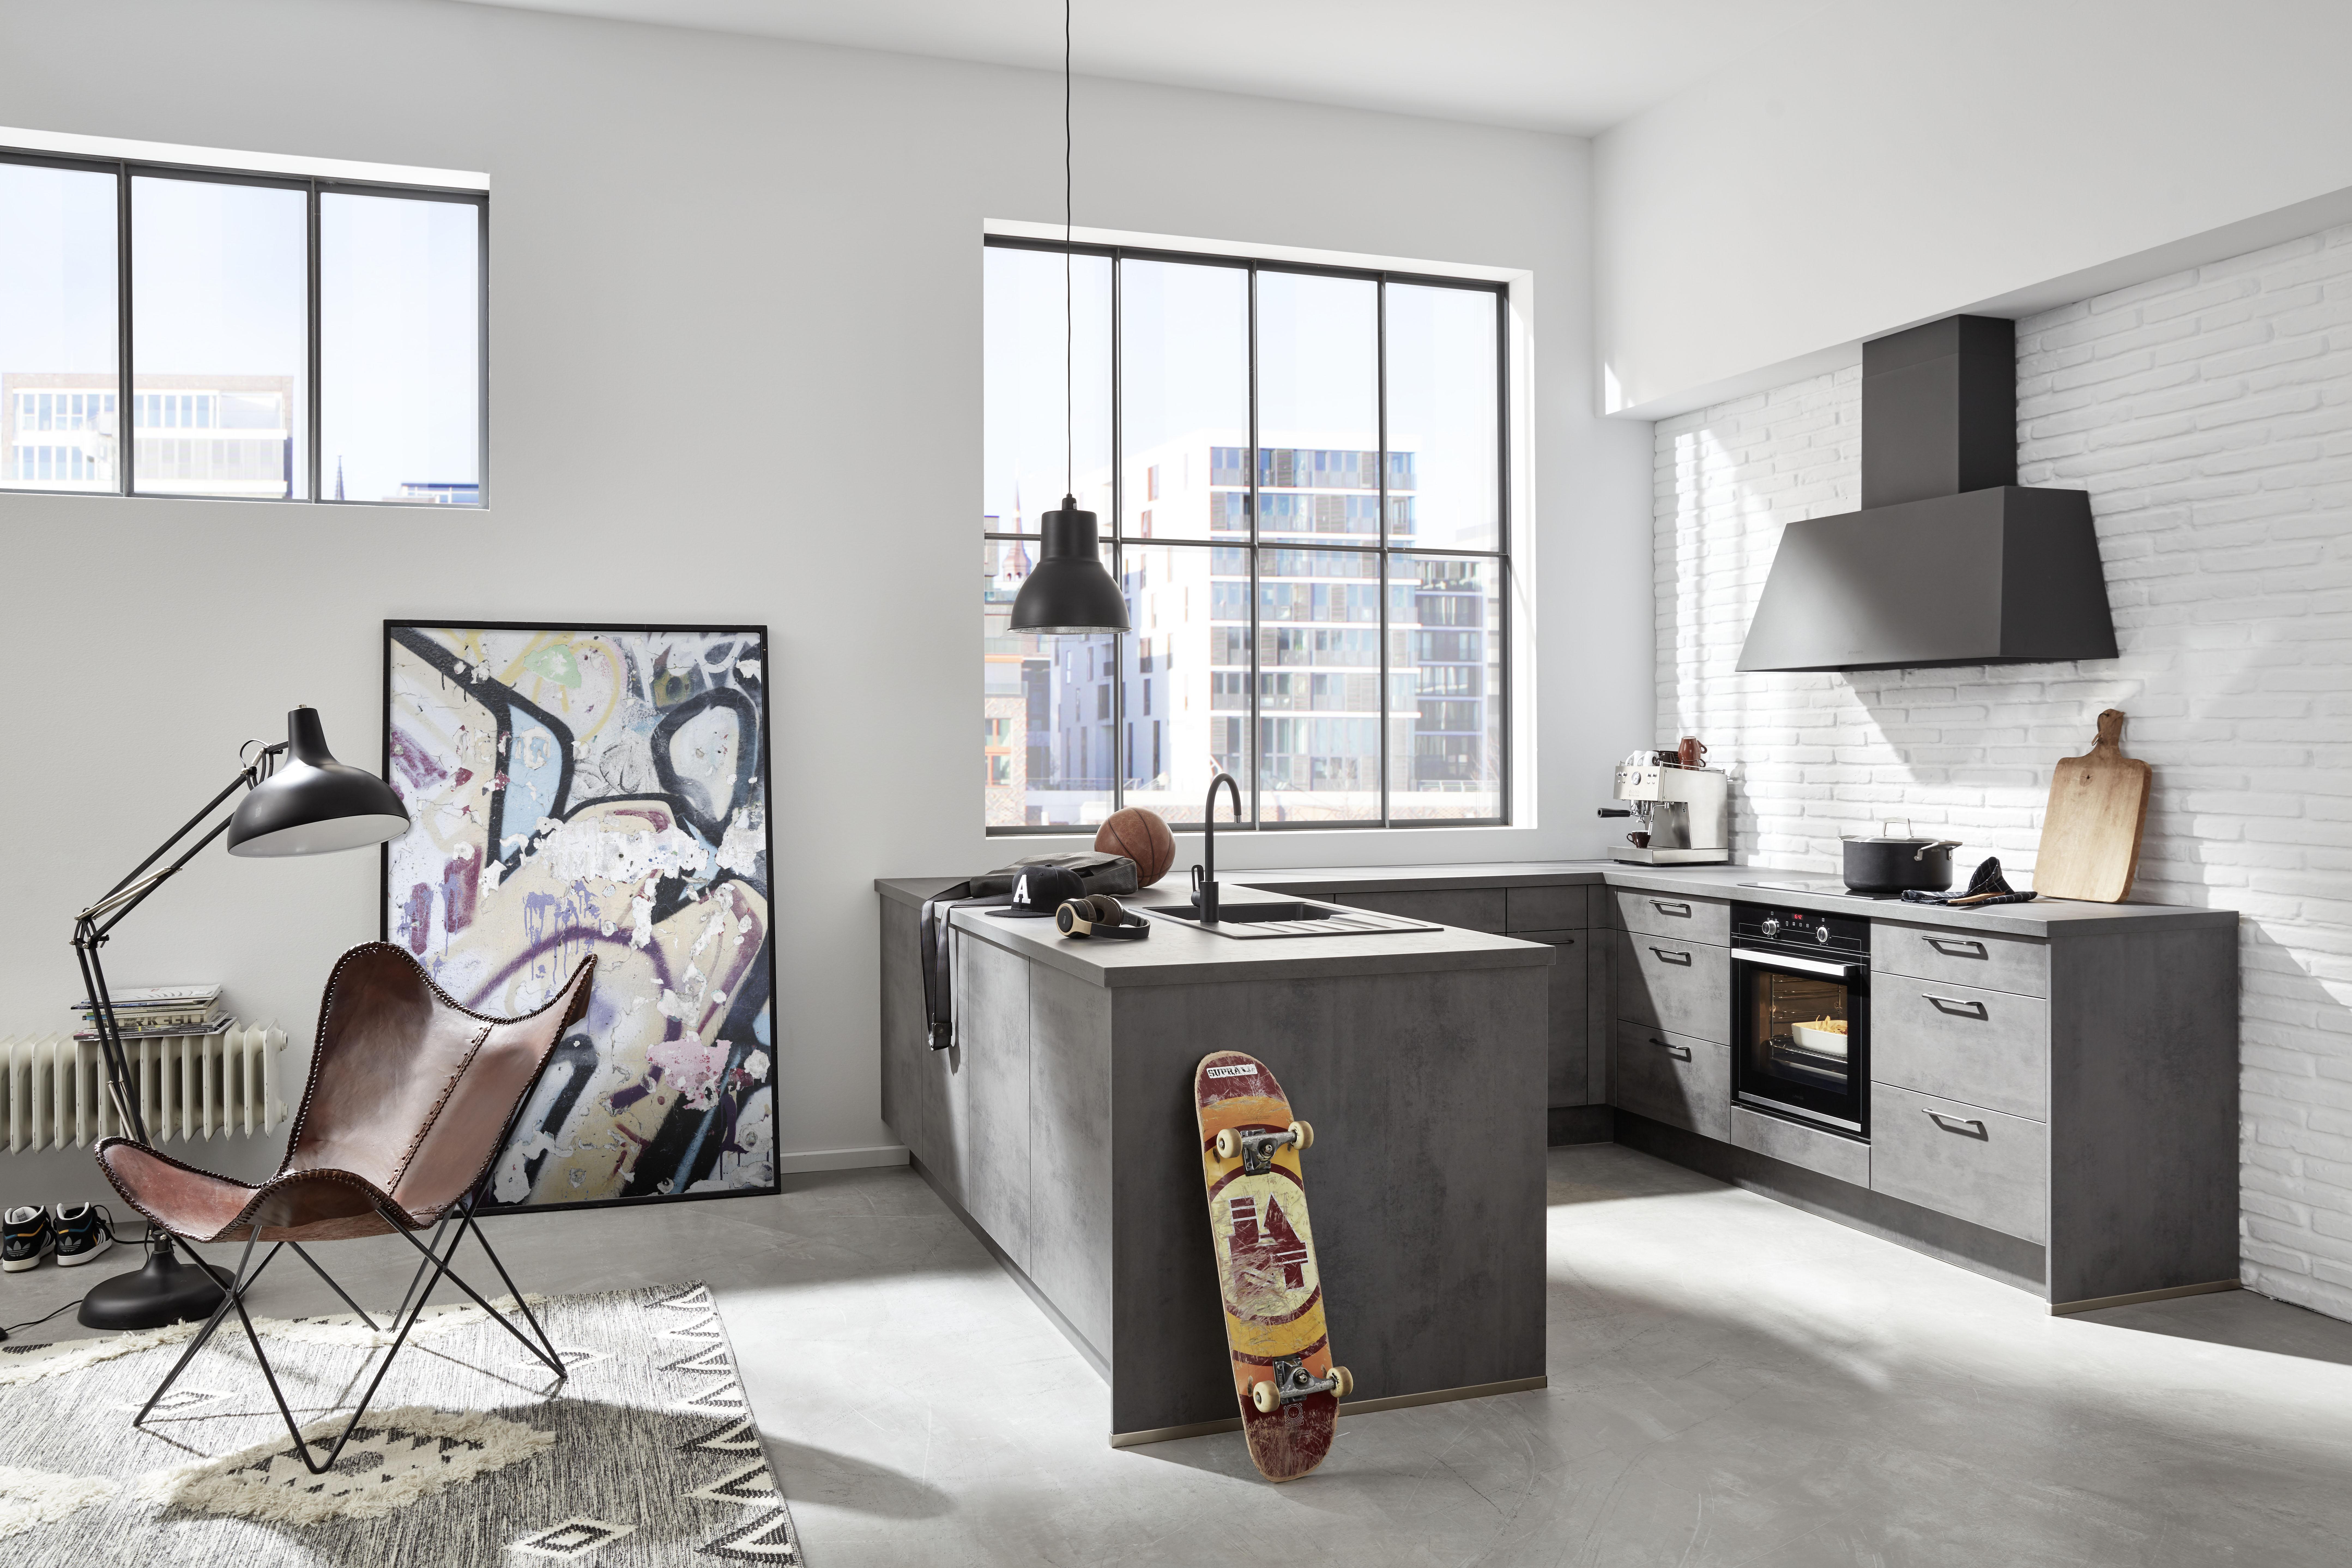 Küchen ohne Oberschränke - Küche&Co